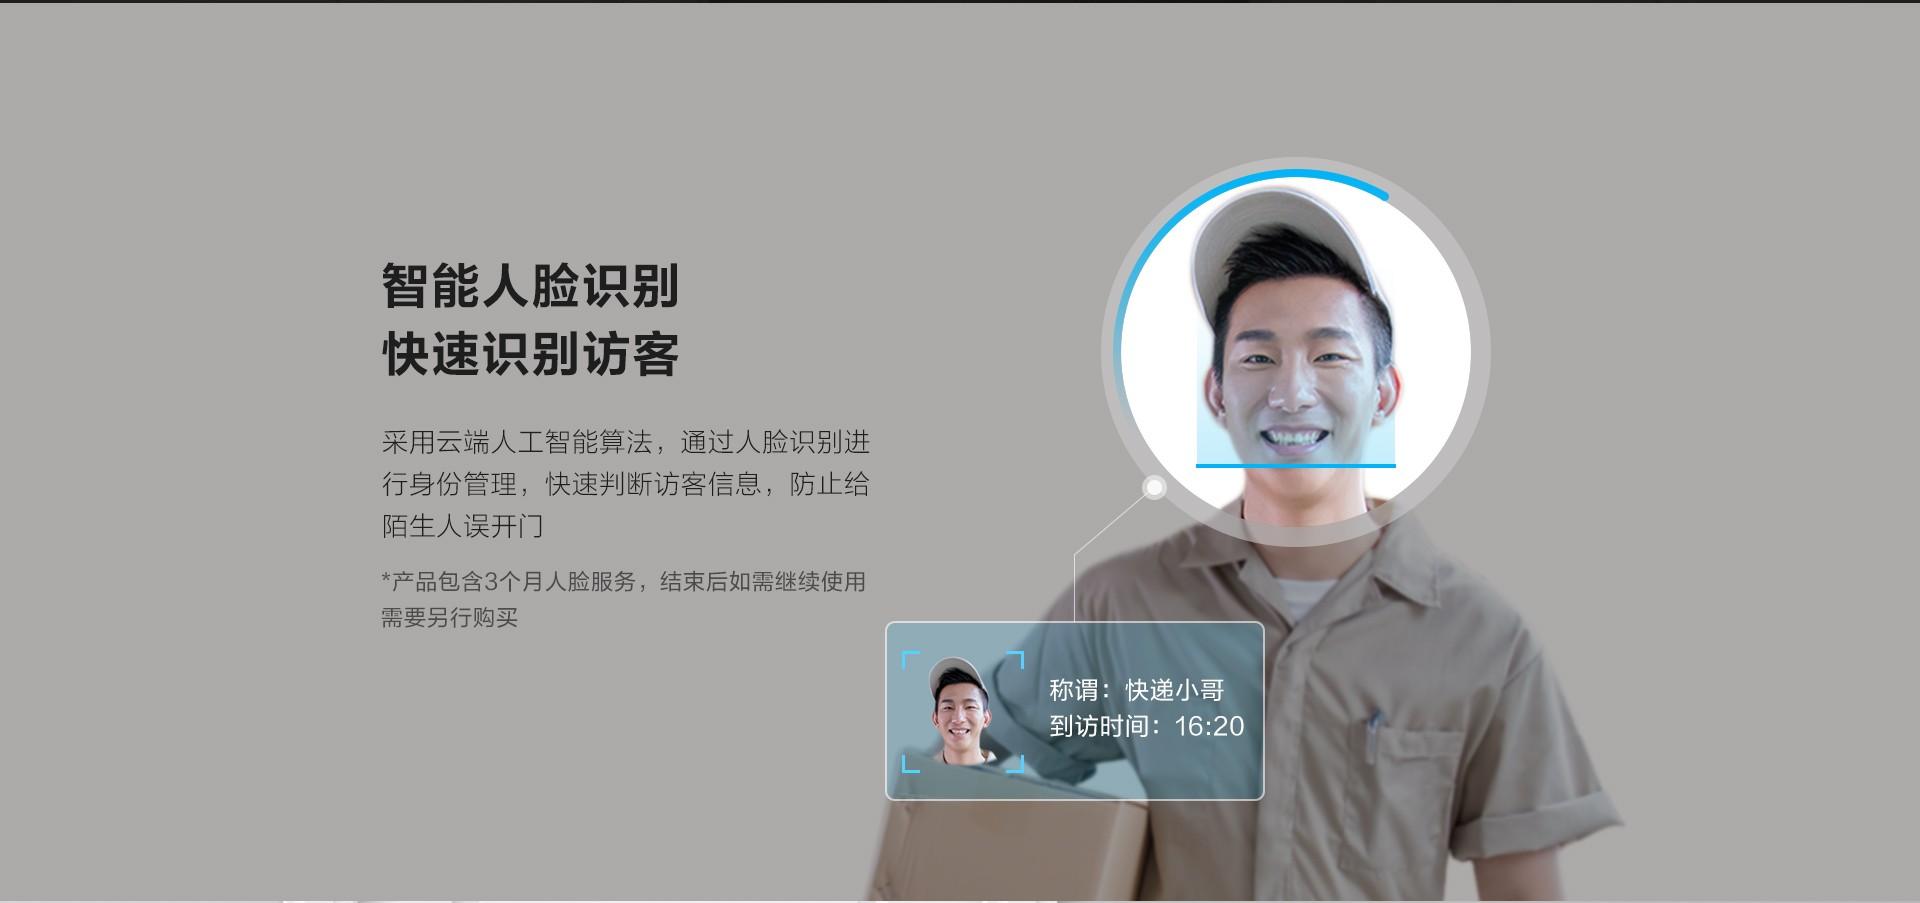 DP1C-web_08.jpg